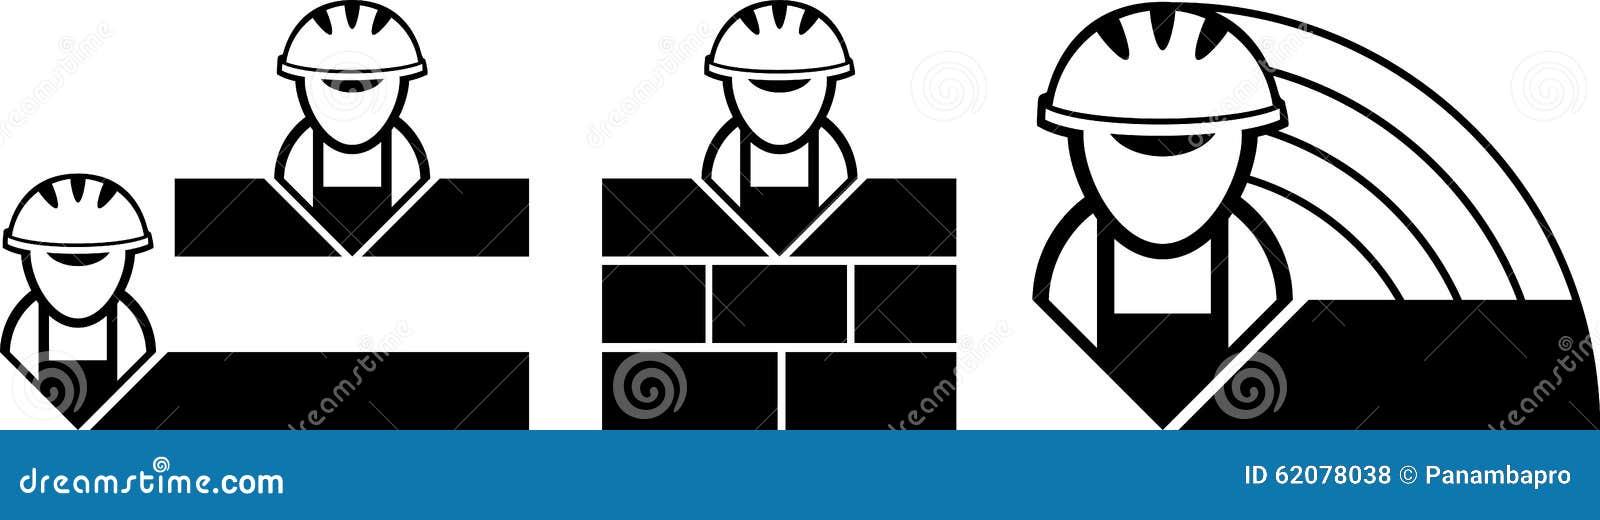 builder symbols stock vector illustration of flat industry 62078038